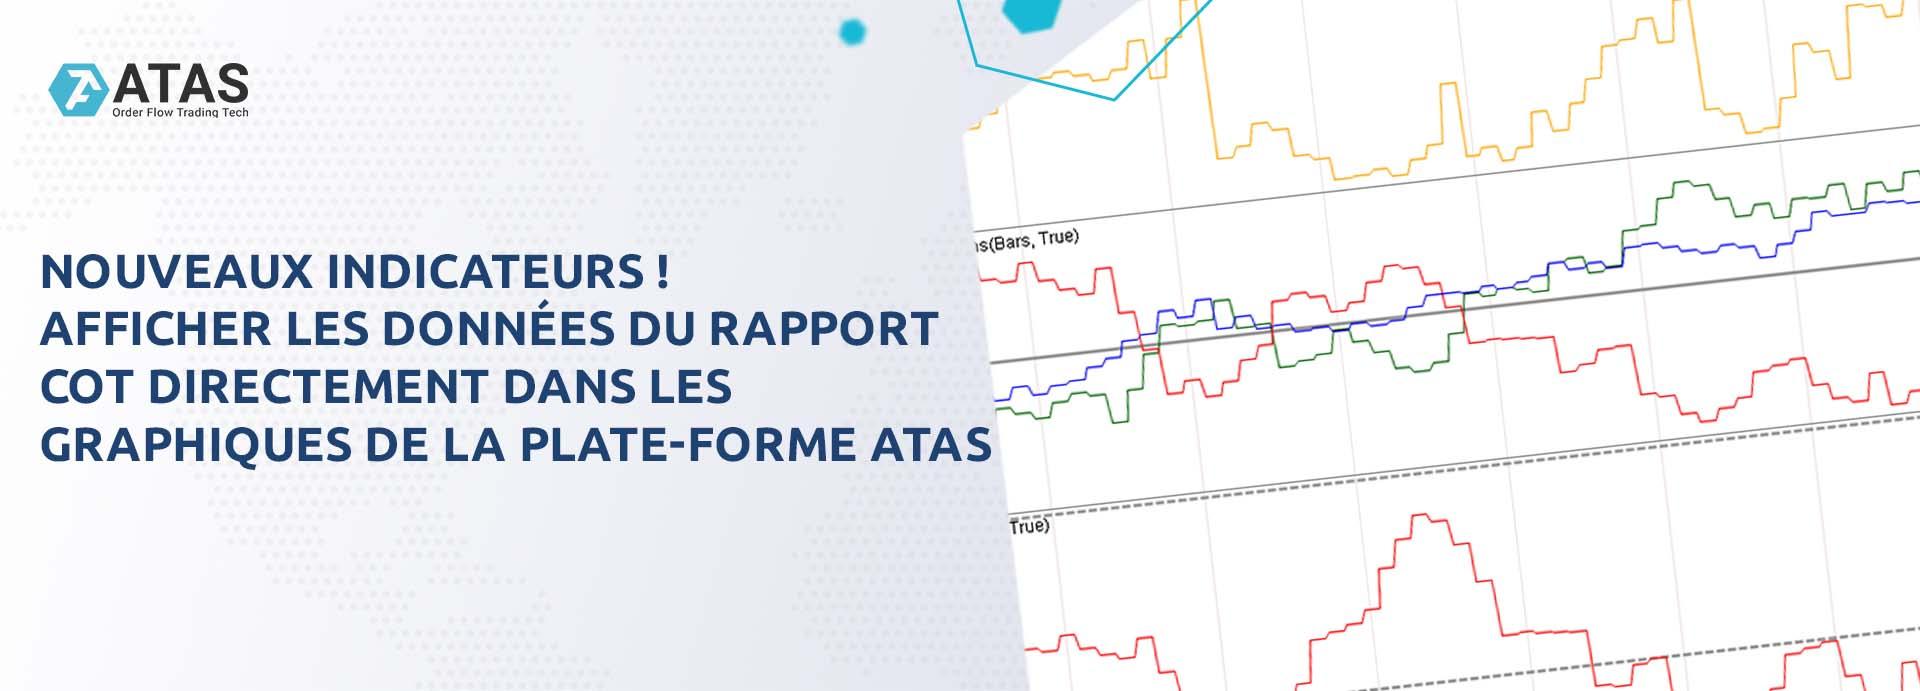 Nouveaux indicateurs ! Afficher les données du rapport COT directement dans les graphiques de la plate-forme ATAS